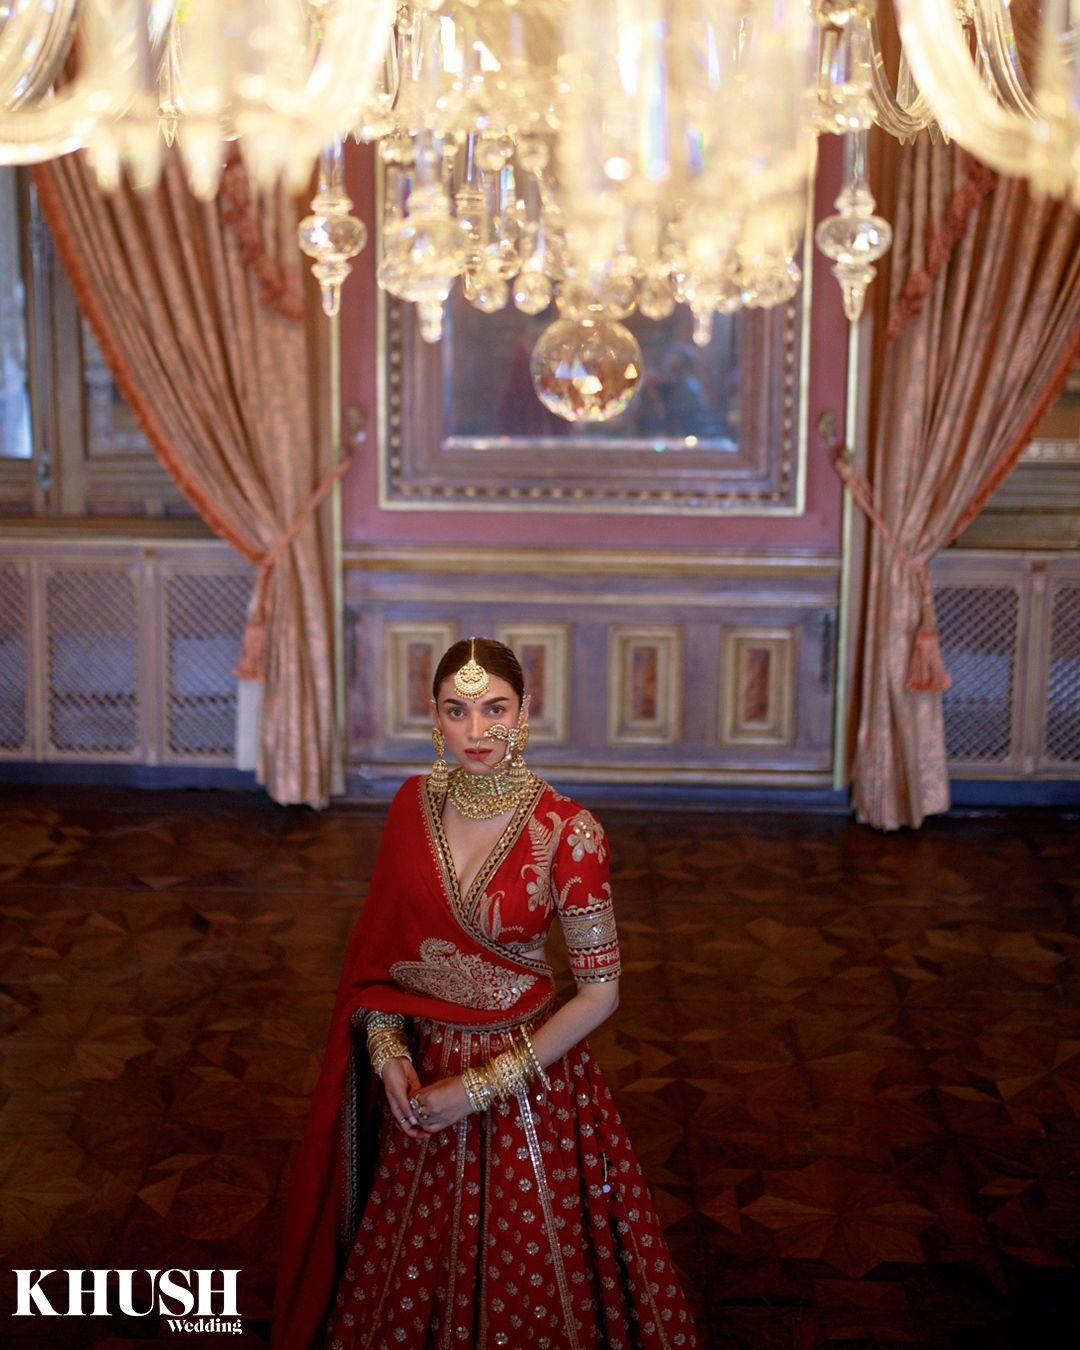 Sabyasachi X Khush Wedding